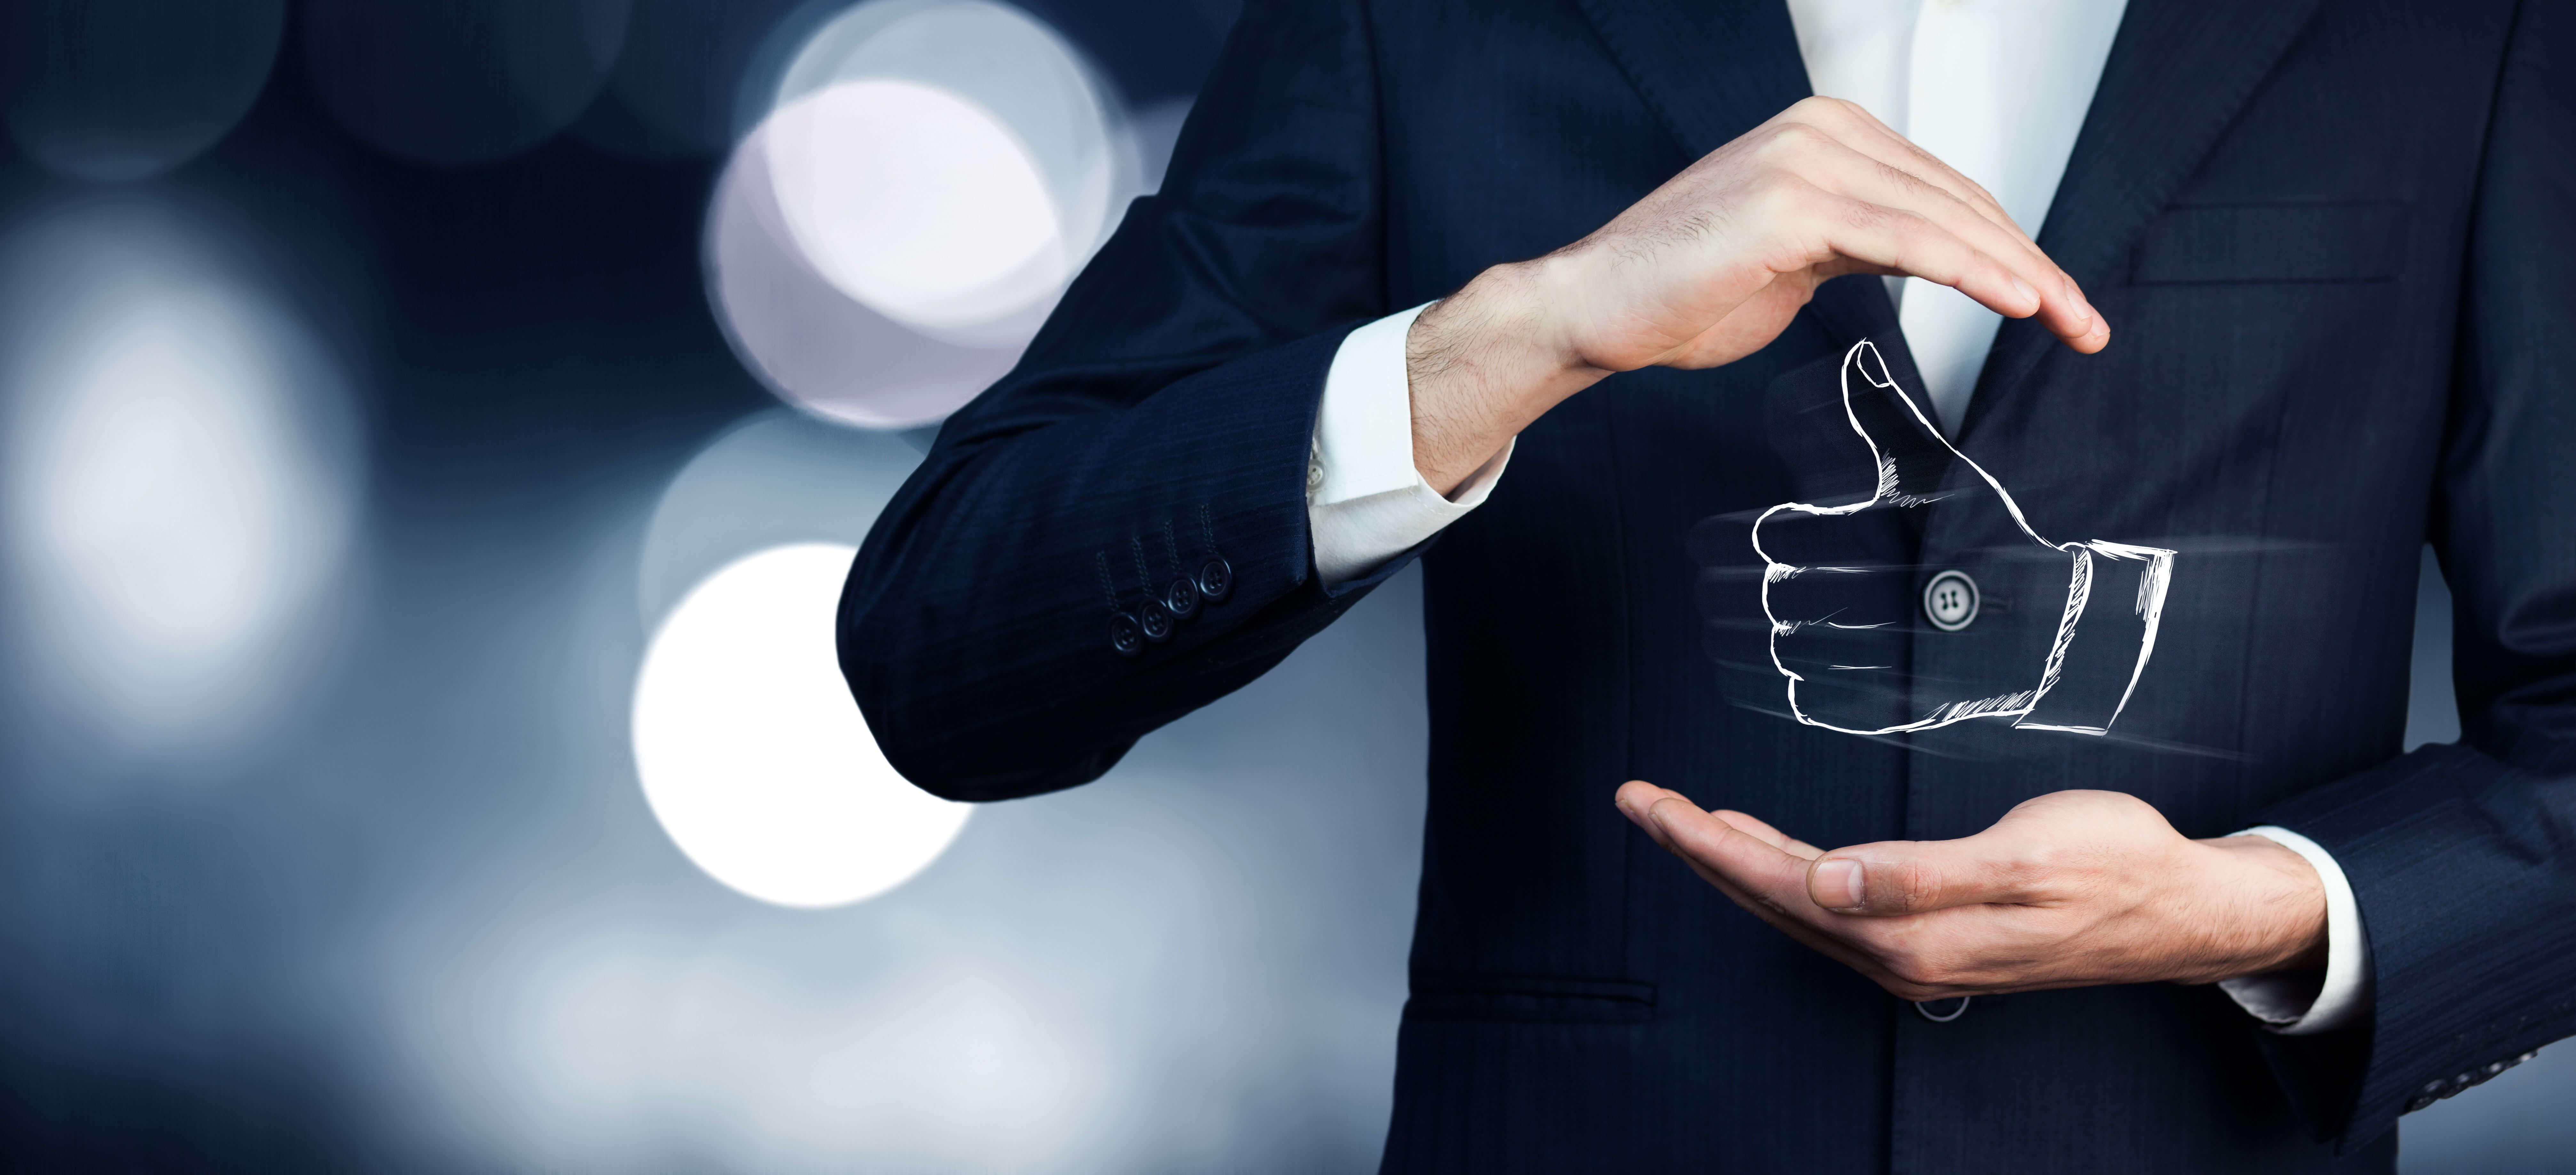 Hypotheekadvies maatadvies op 10 punten onafhankelijk for Welke hypotheek